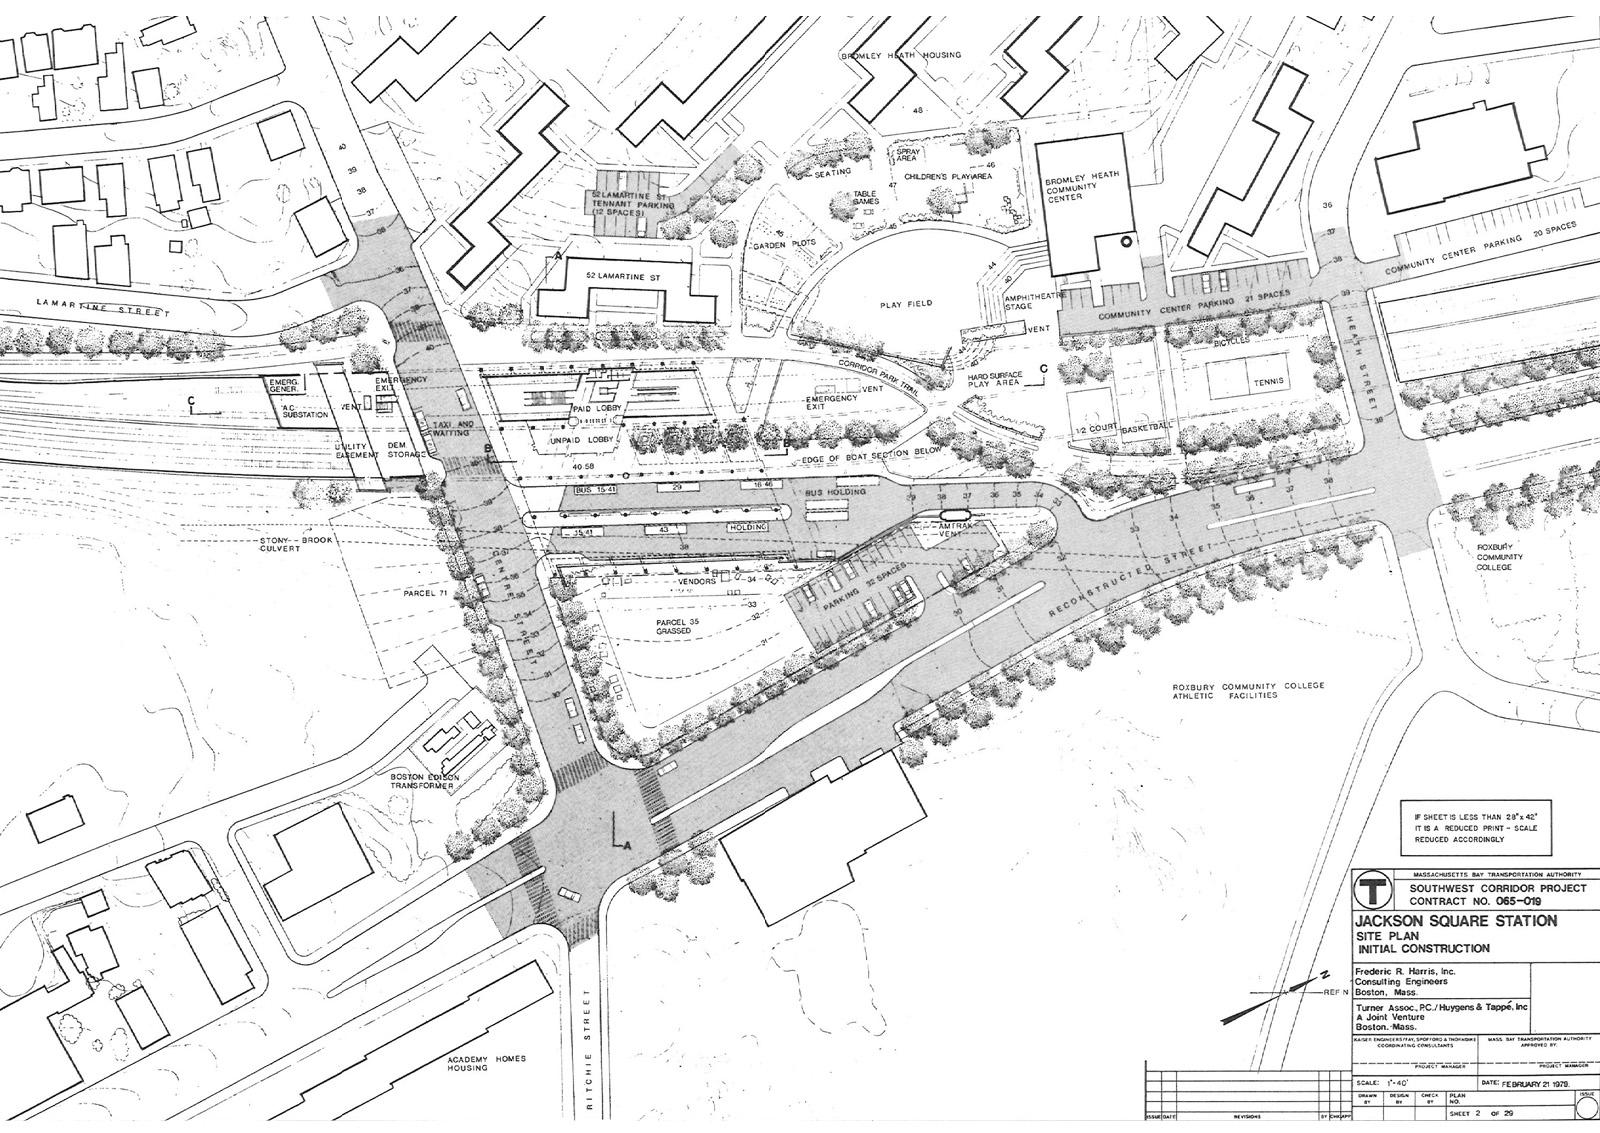 Jackson Square Site Plan